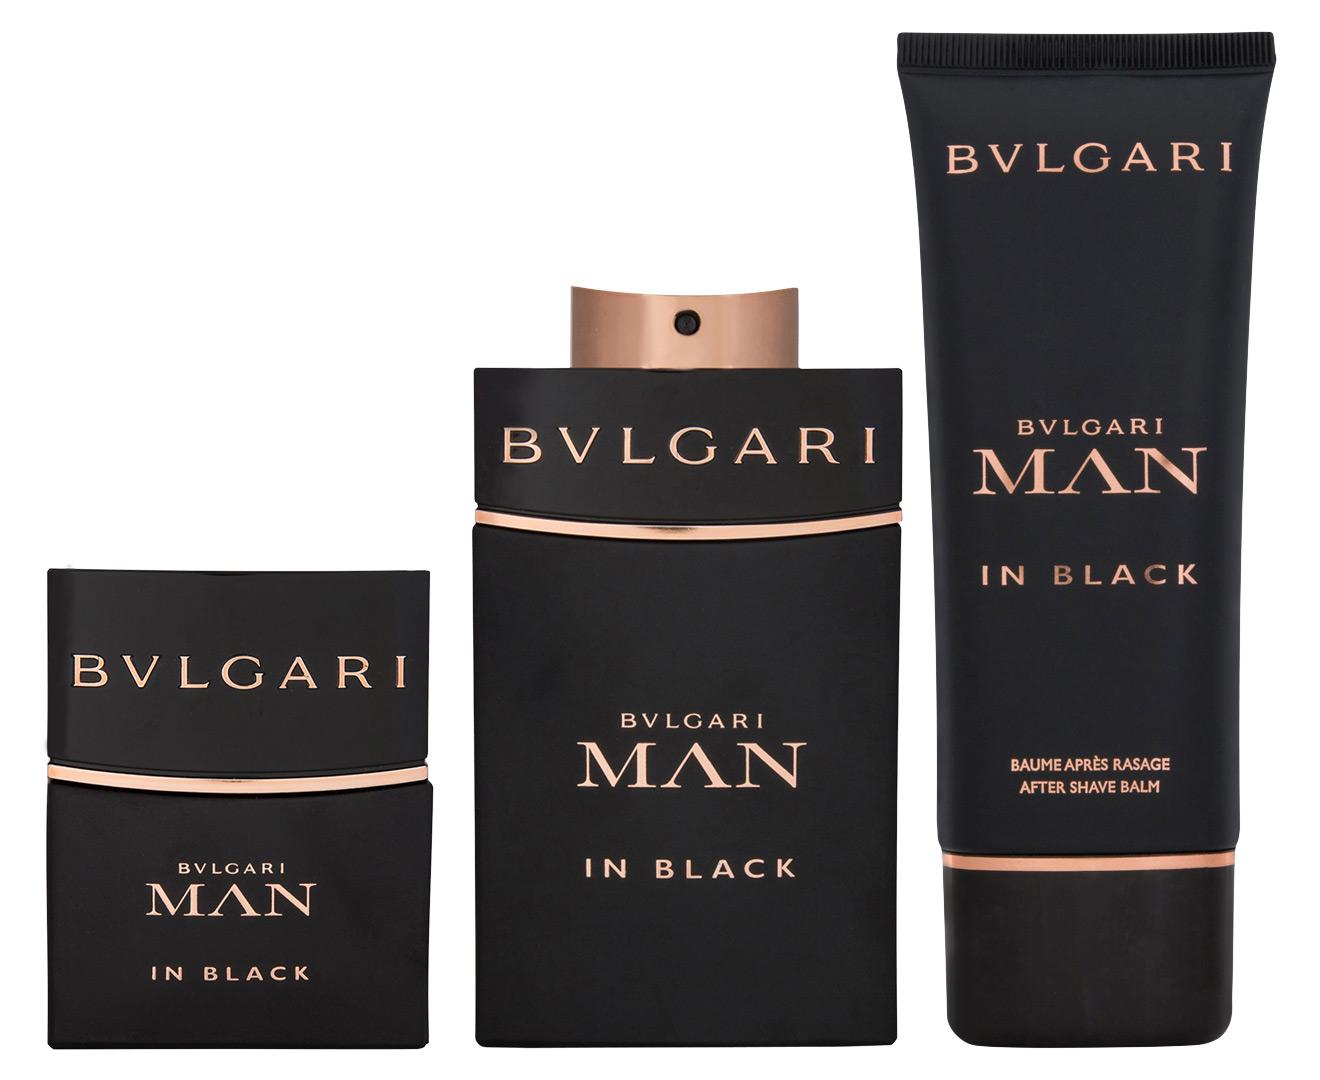 Bvlgari Man In Black 3 Piece Edp Gift Set 100ml